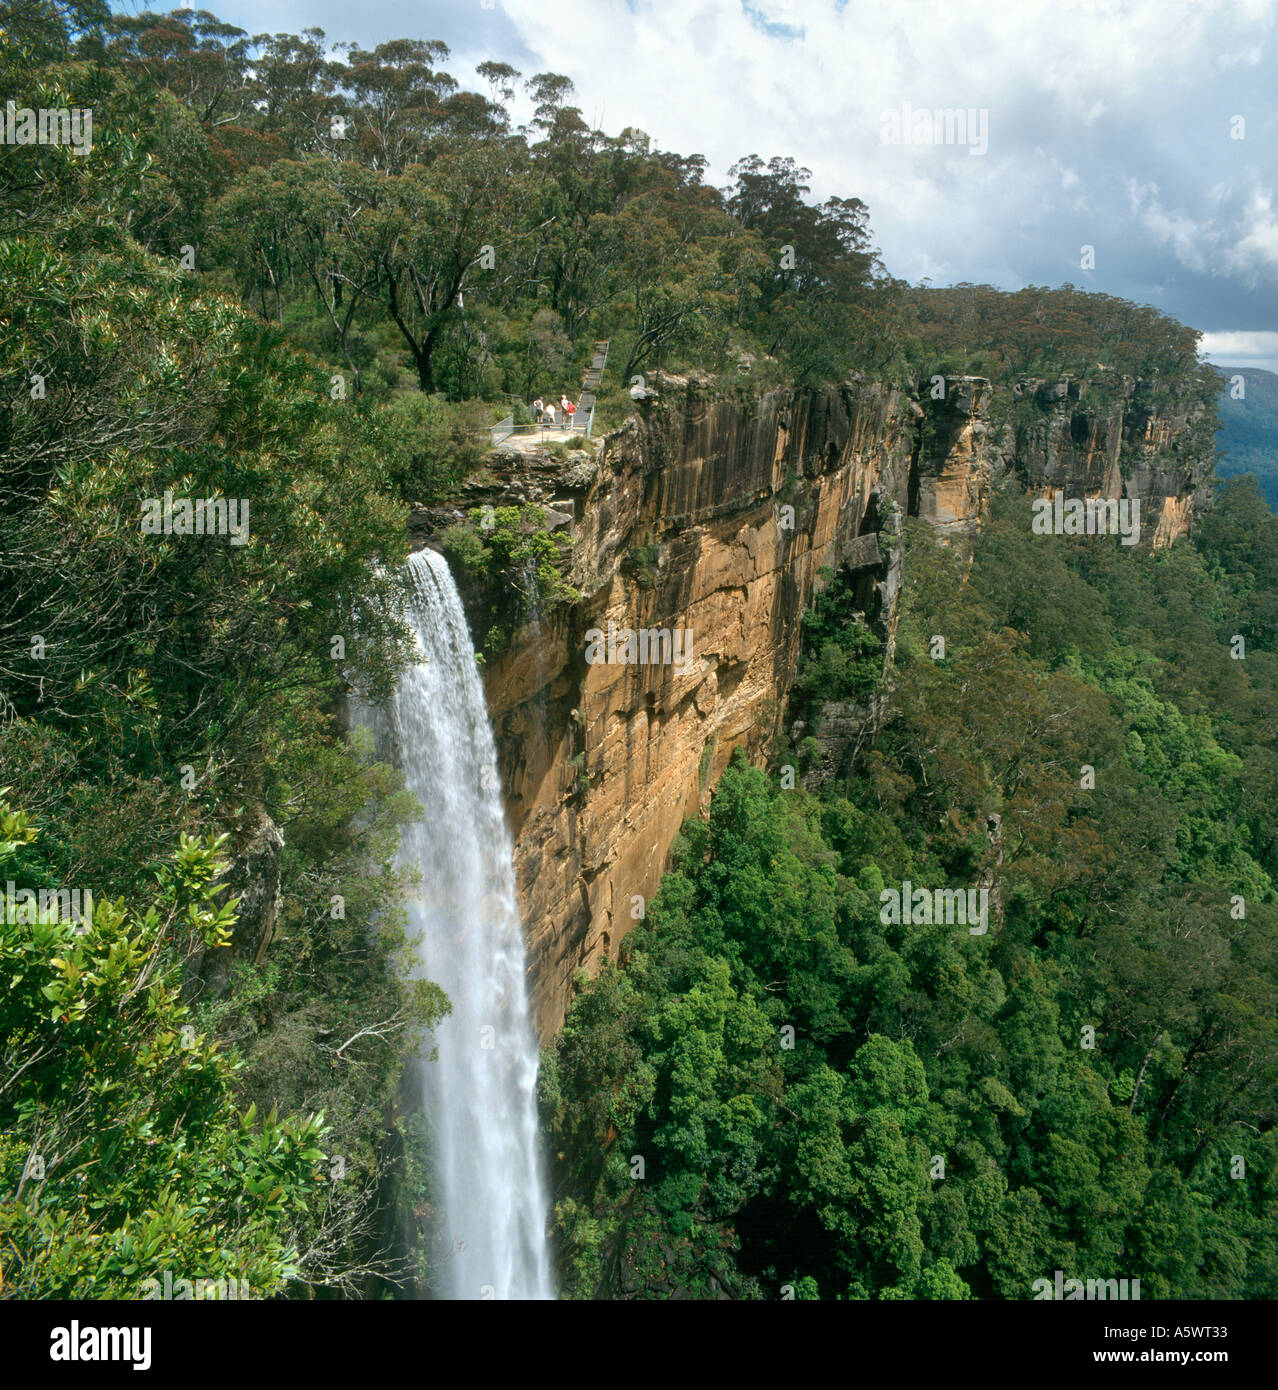 Cascate di Fitzroy e Yarrunga Valley, Morton National Park, Southern Highlands, Nuovo Galles del Sud, Australia Immagini Stock